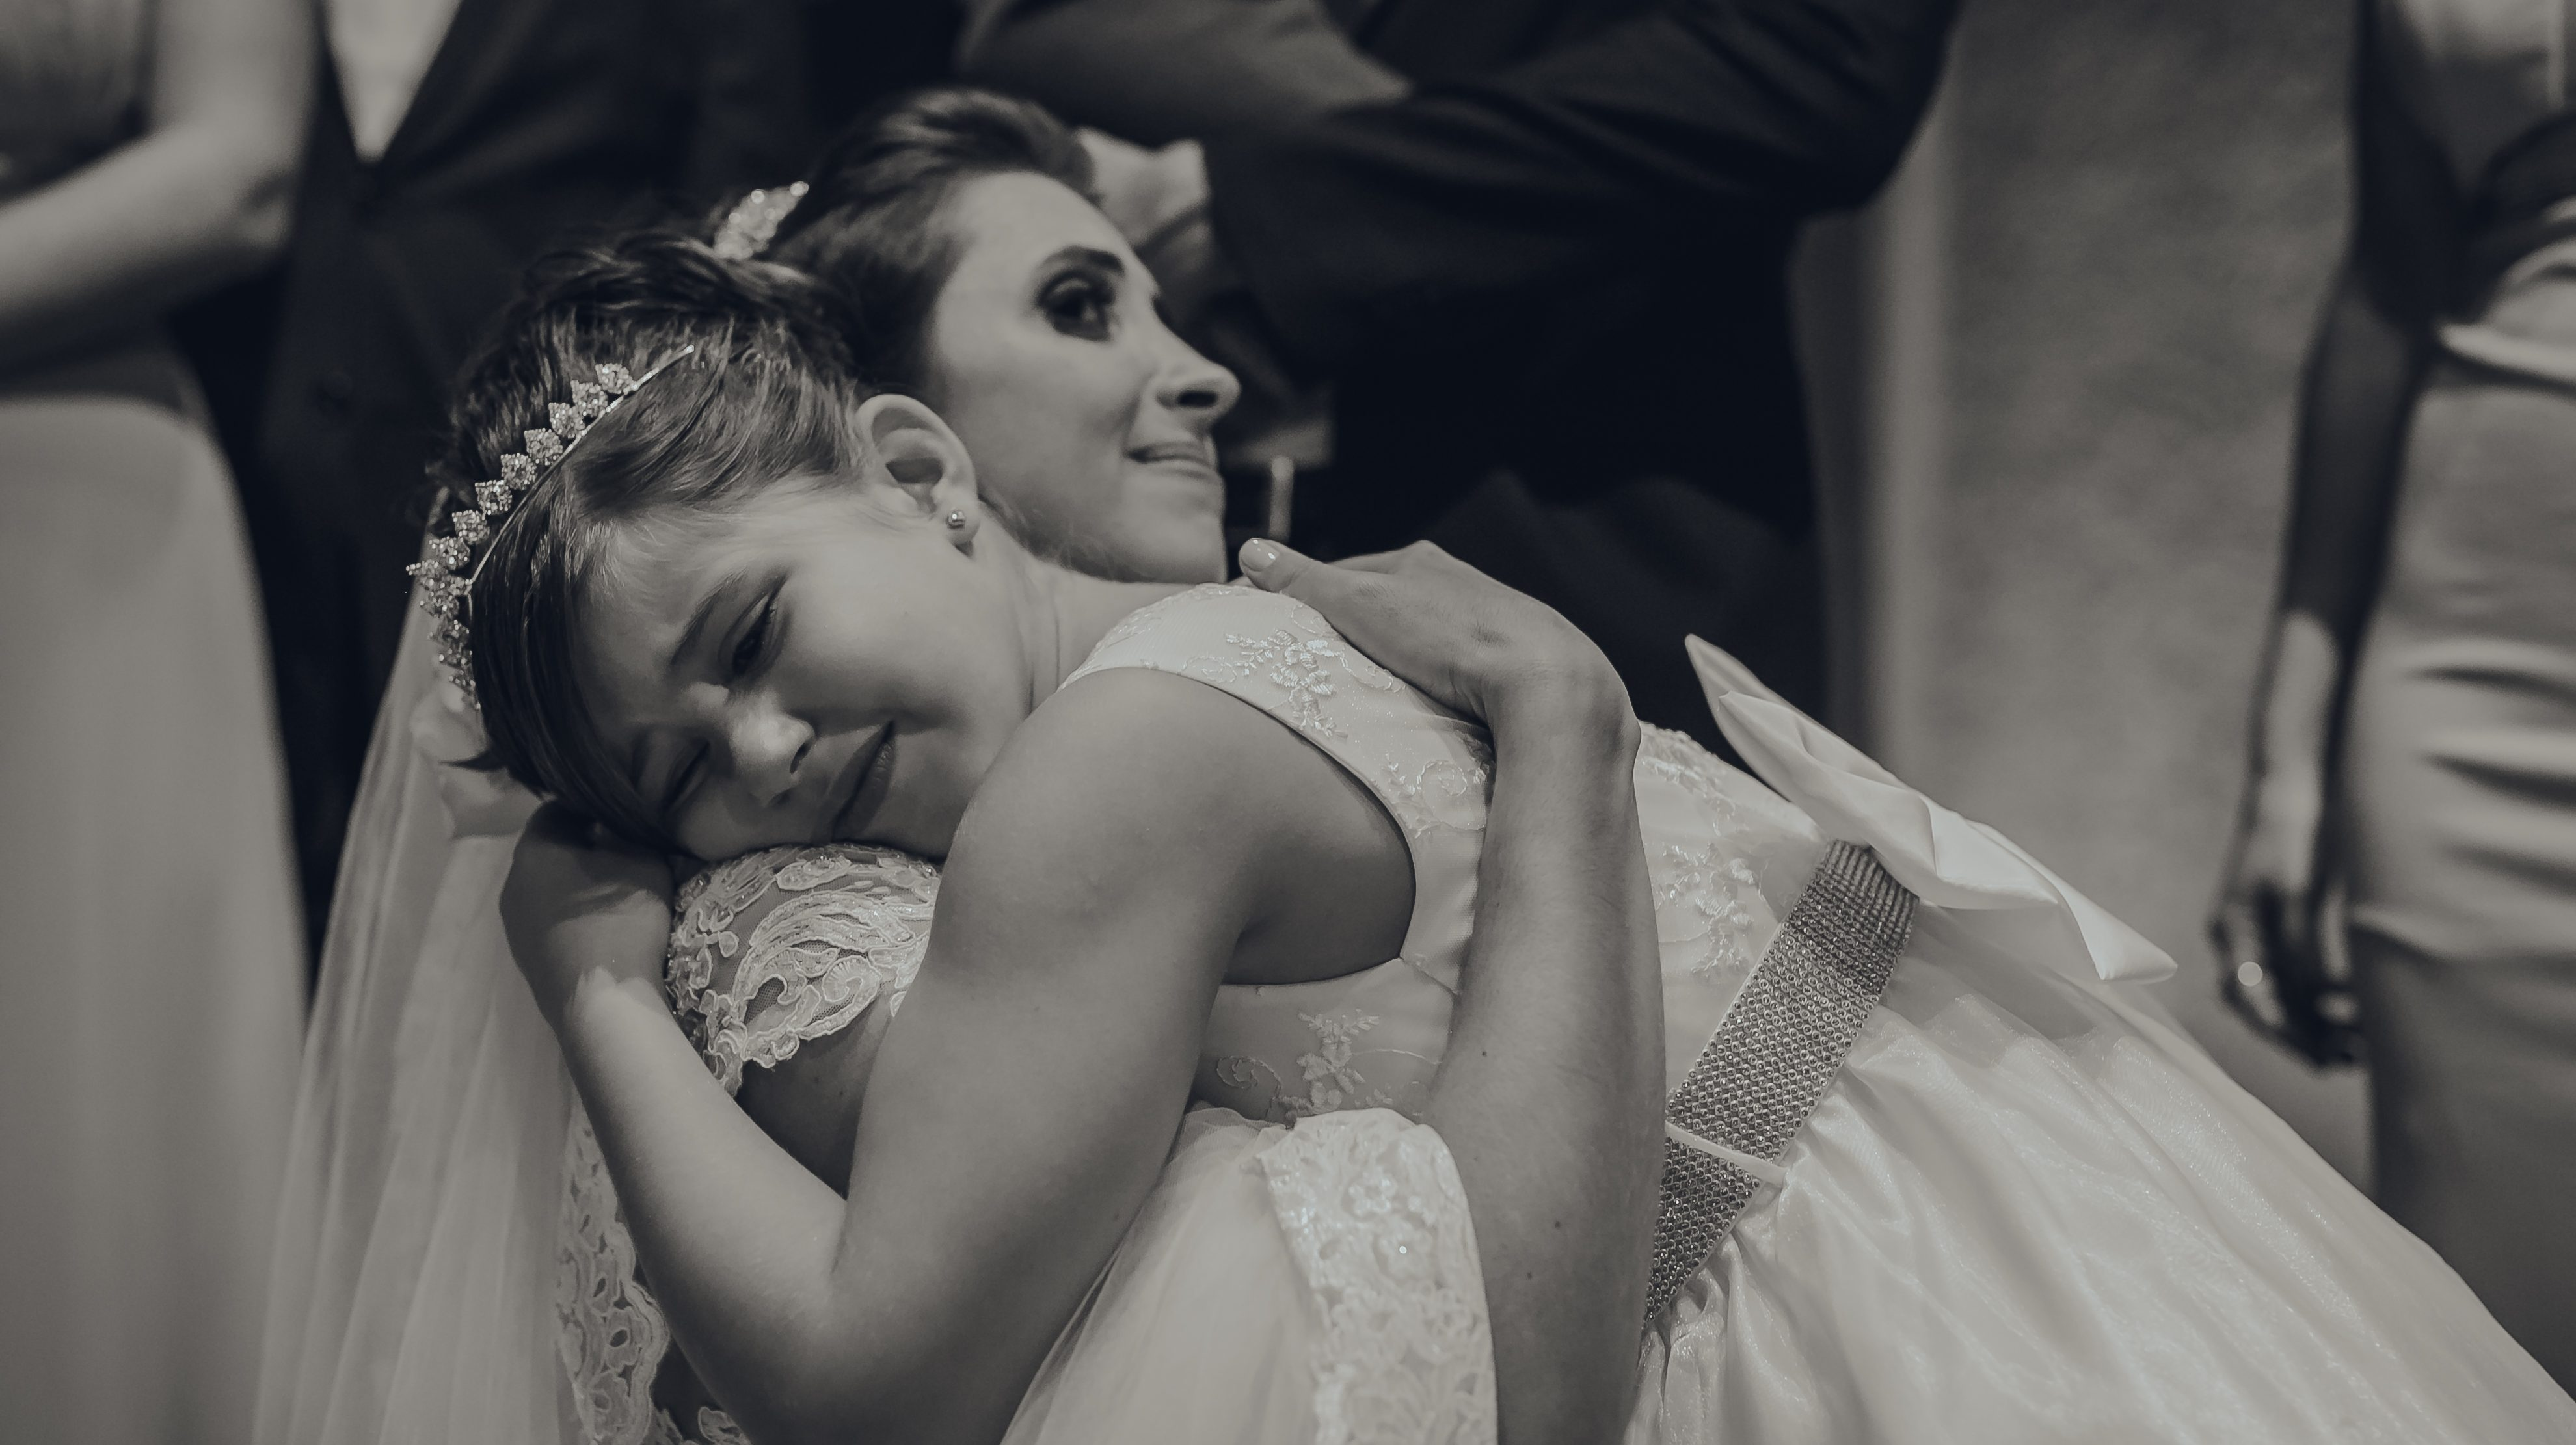 Reações e entradas mais fofas: se encante com essas Crianças nos Casamentos!